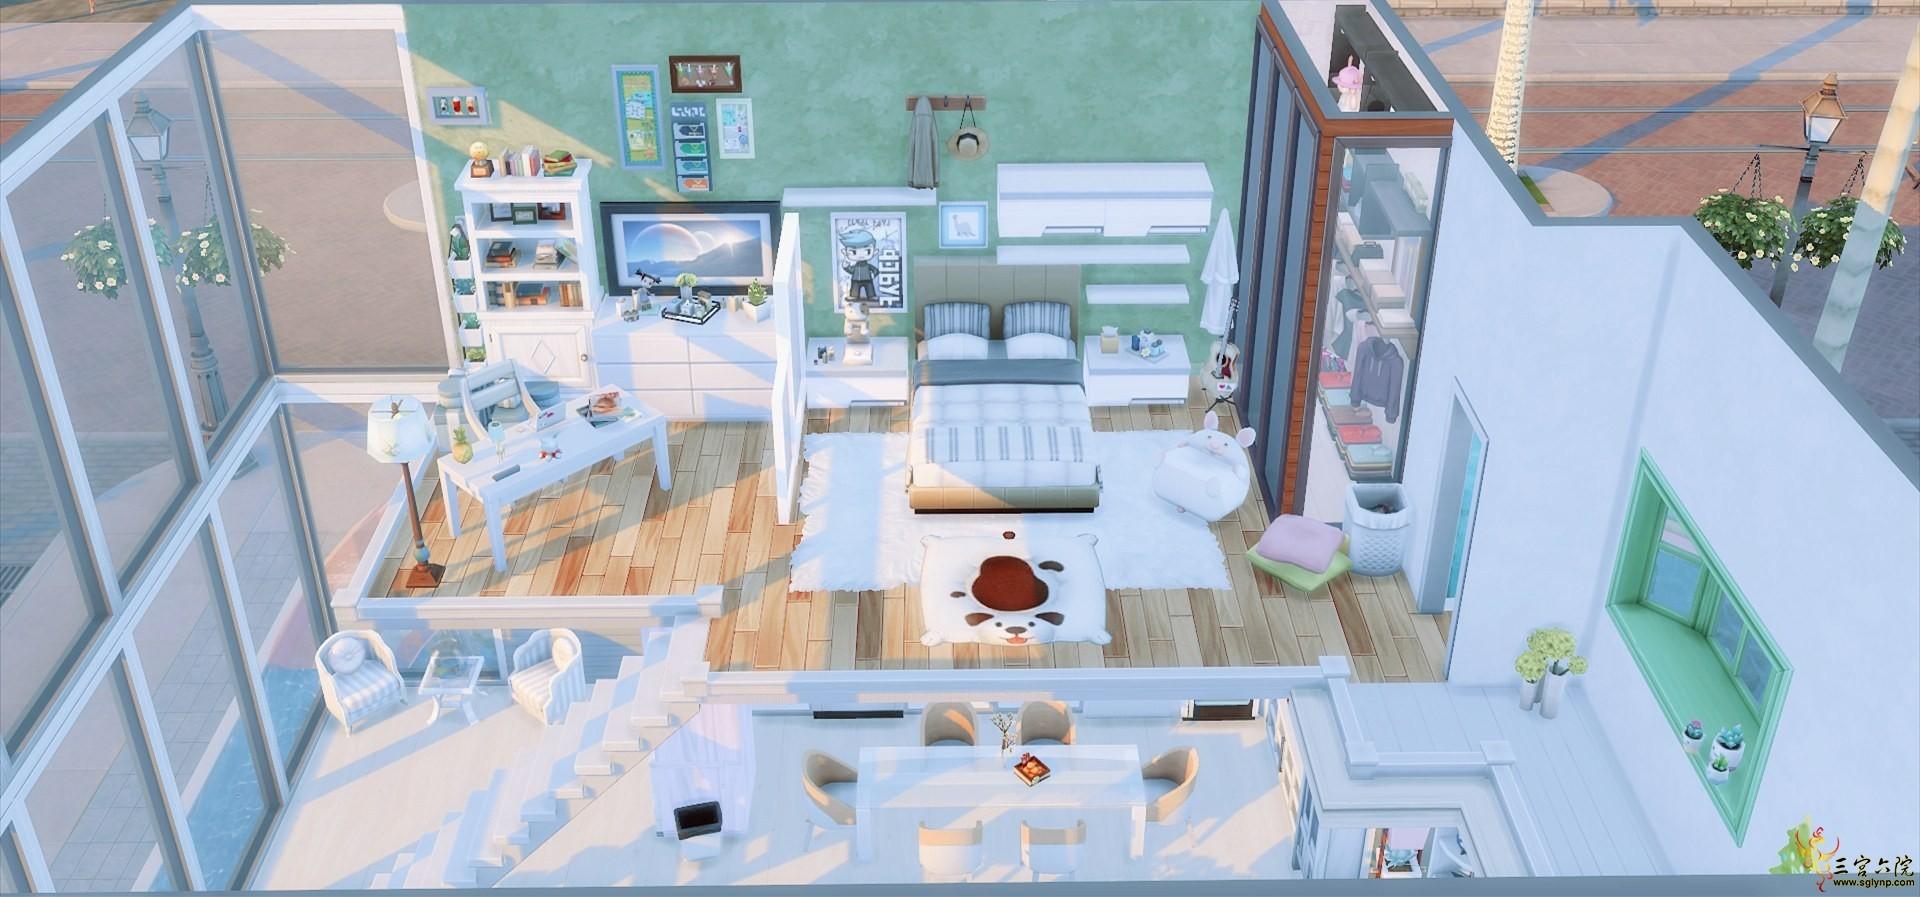 二楼卧室书房.png